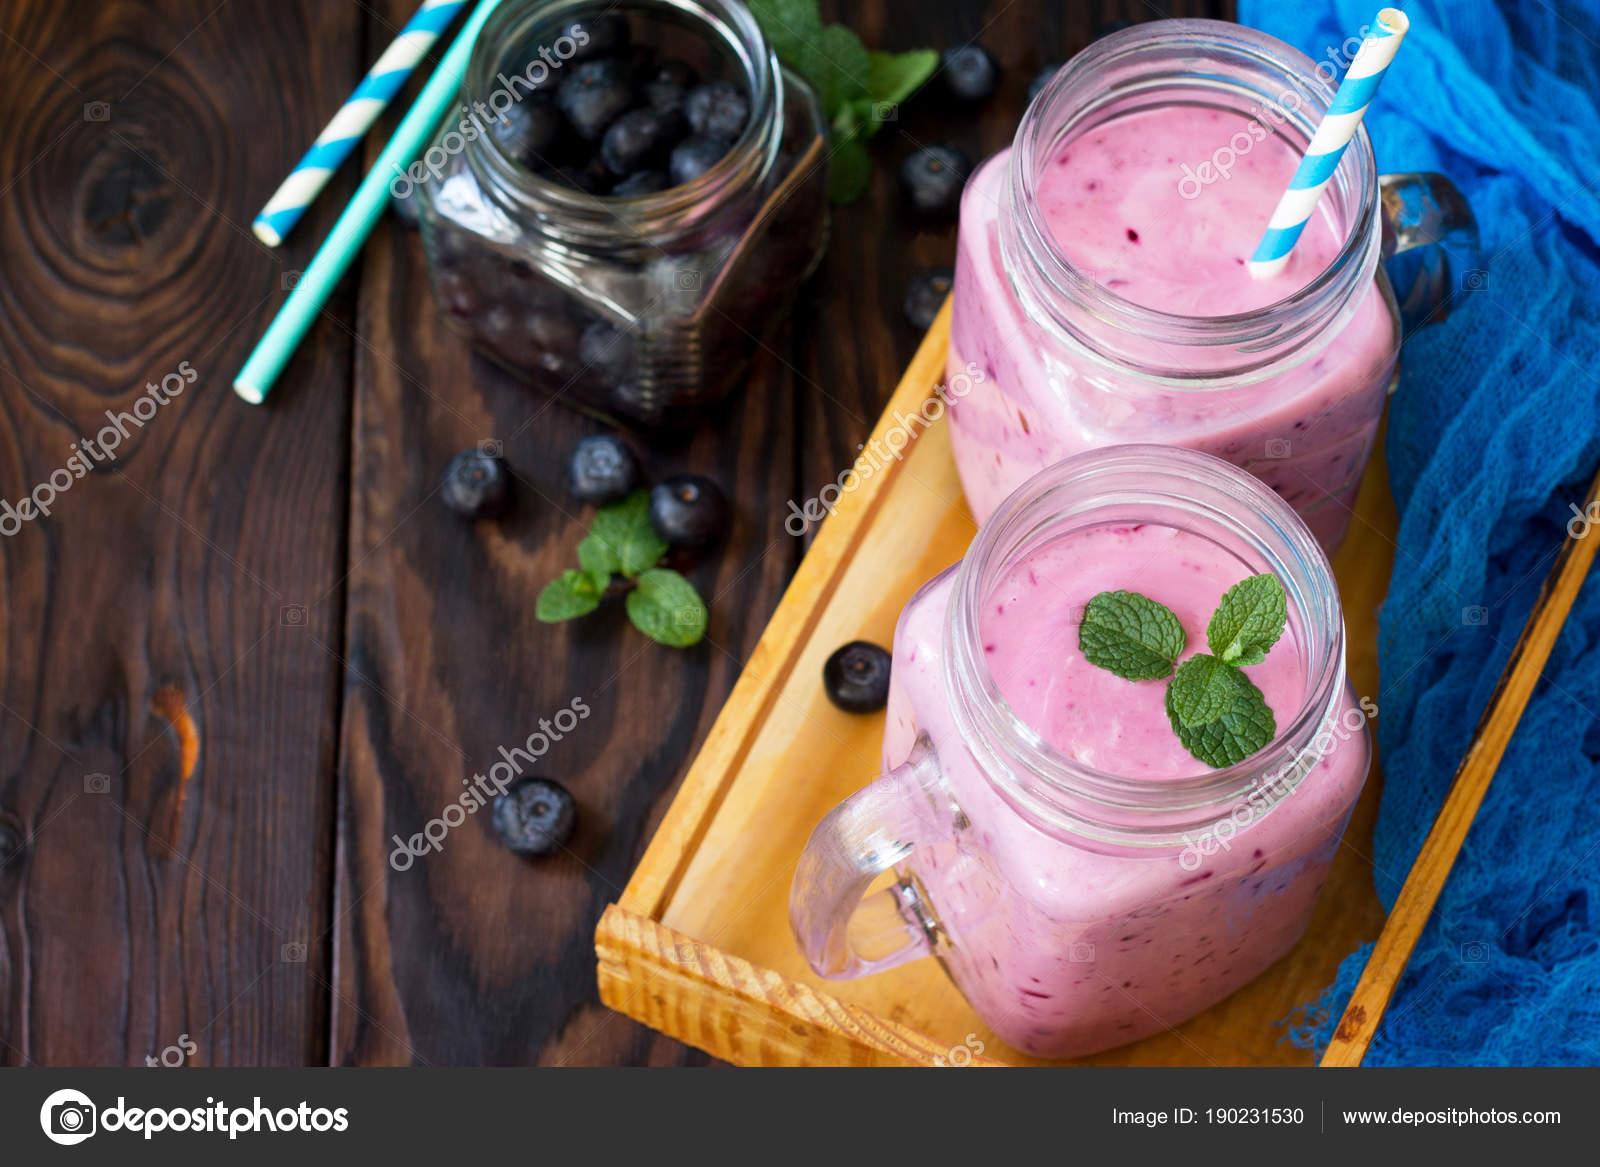 Картинки: воздушный, антиоксидант, задний план, ягоды, ягода.